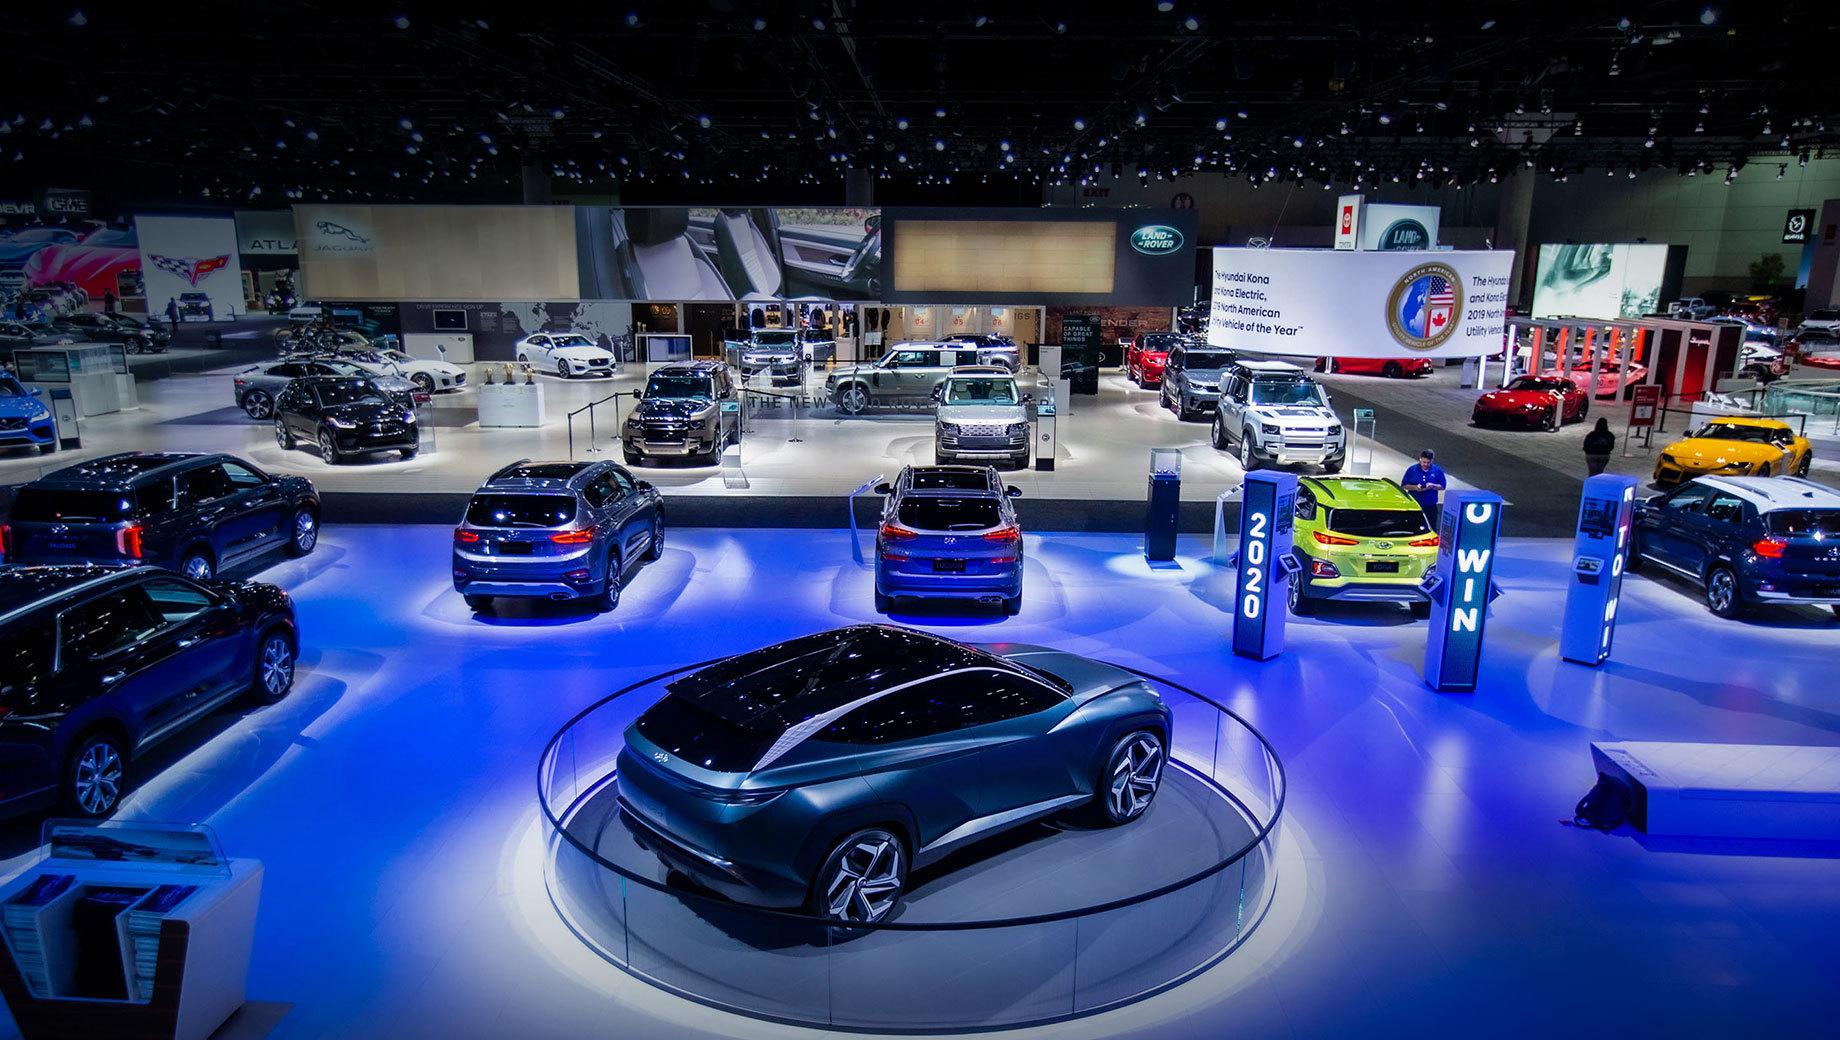 Автошоу в Лос-Анджелесе перенесено на май 2021 года